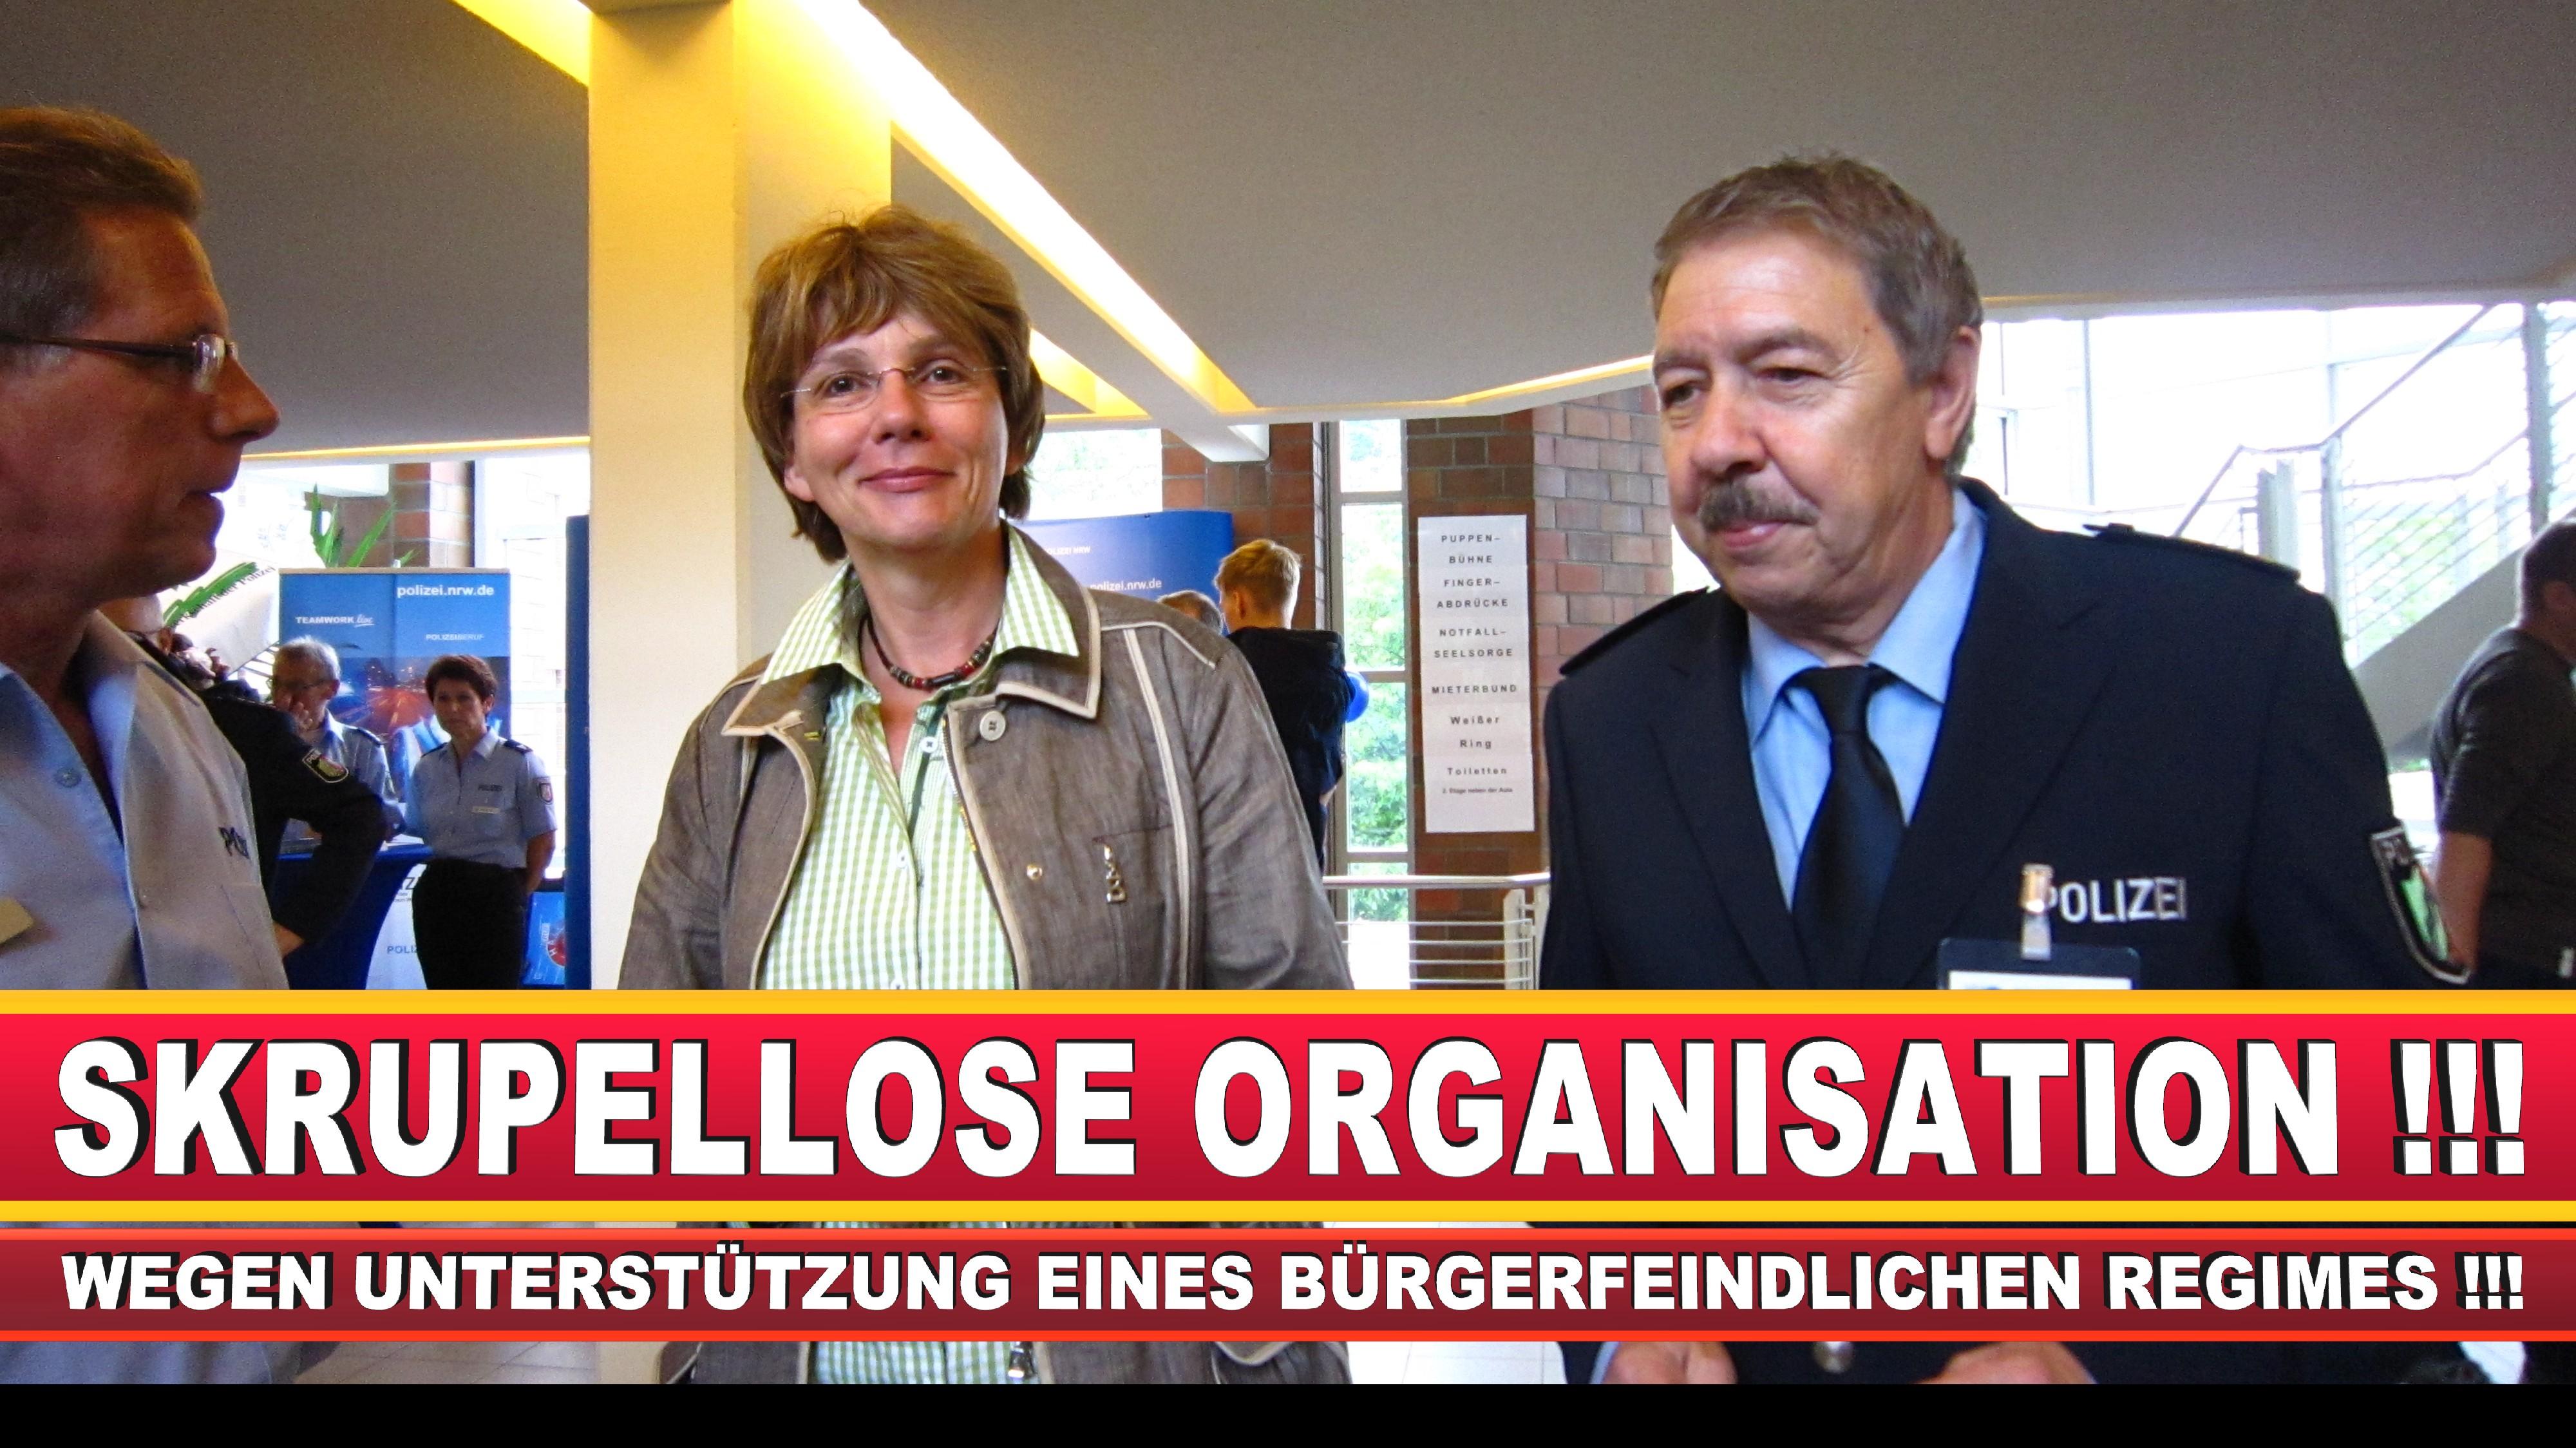 Polizeipräsidentin Katharina Giere Polizei Bielefeld NRW Erwin Südfeld Horst Kruse Polizeiuniform Polizeigewalt DEMONSTRATION Bahnhof (21)